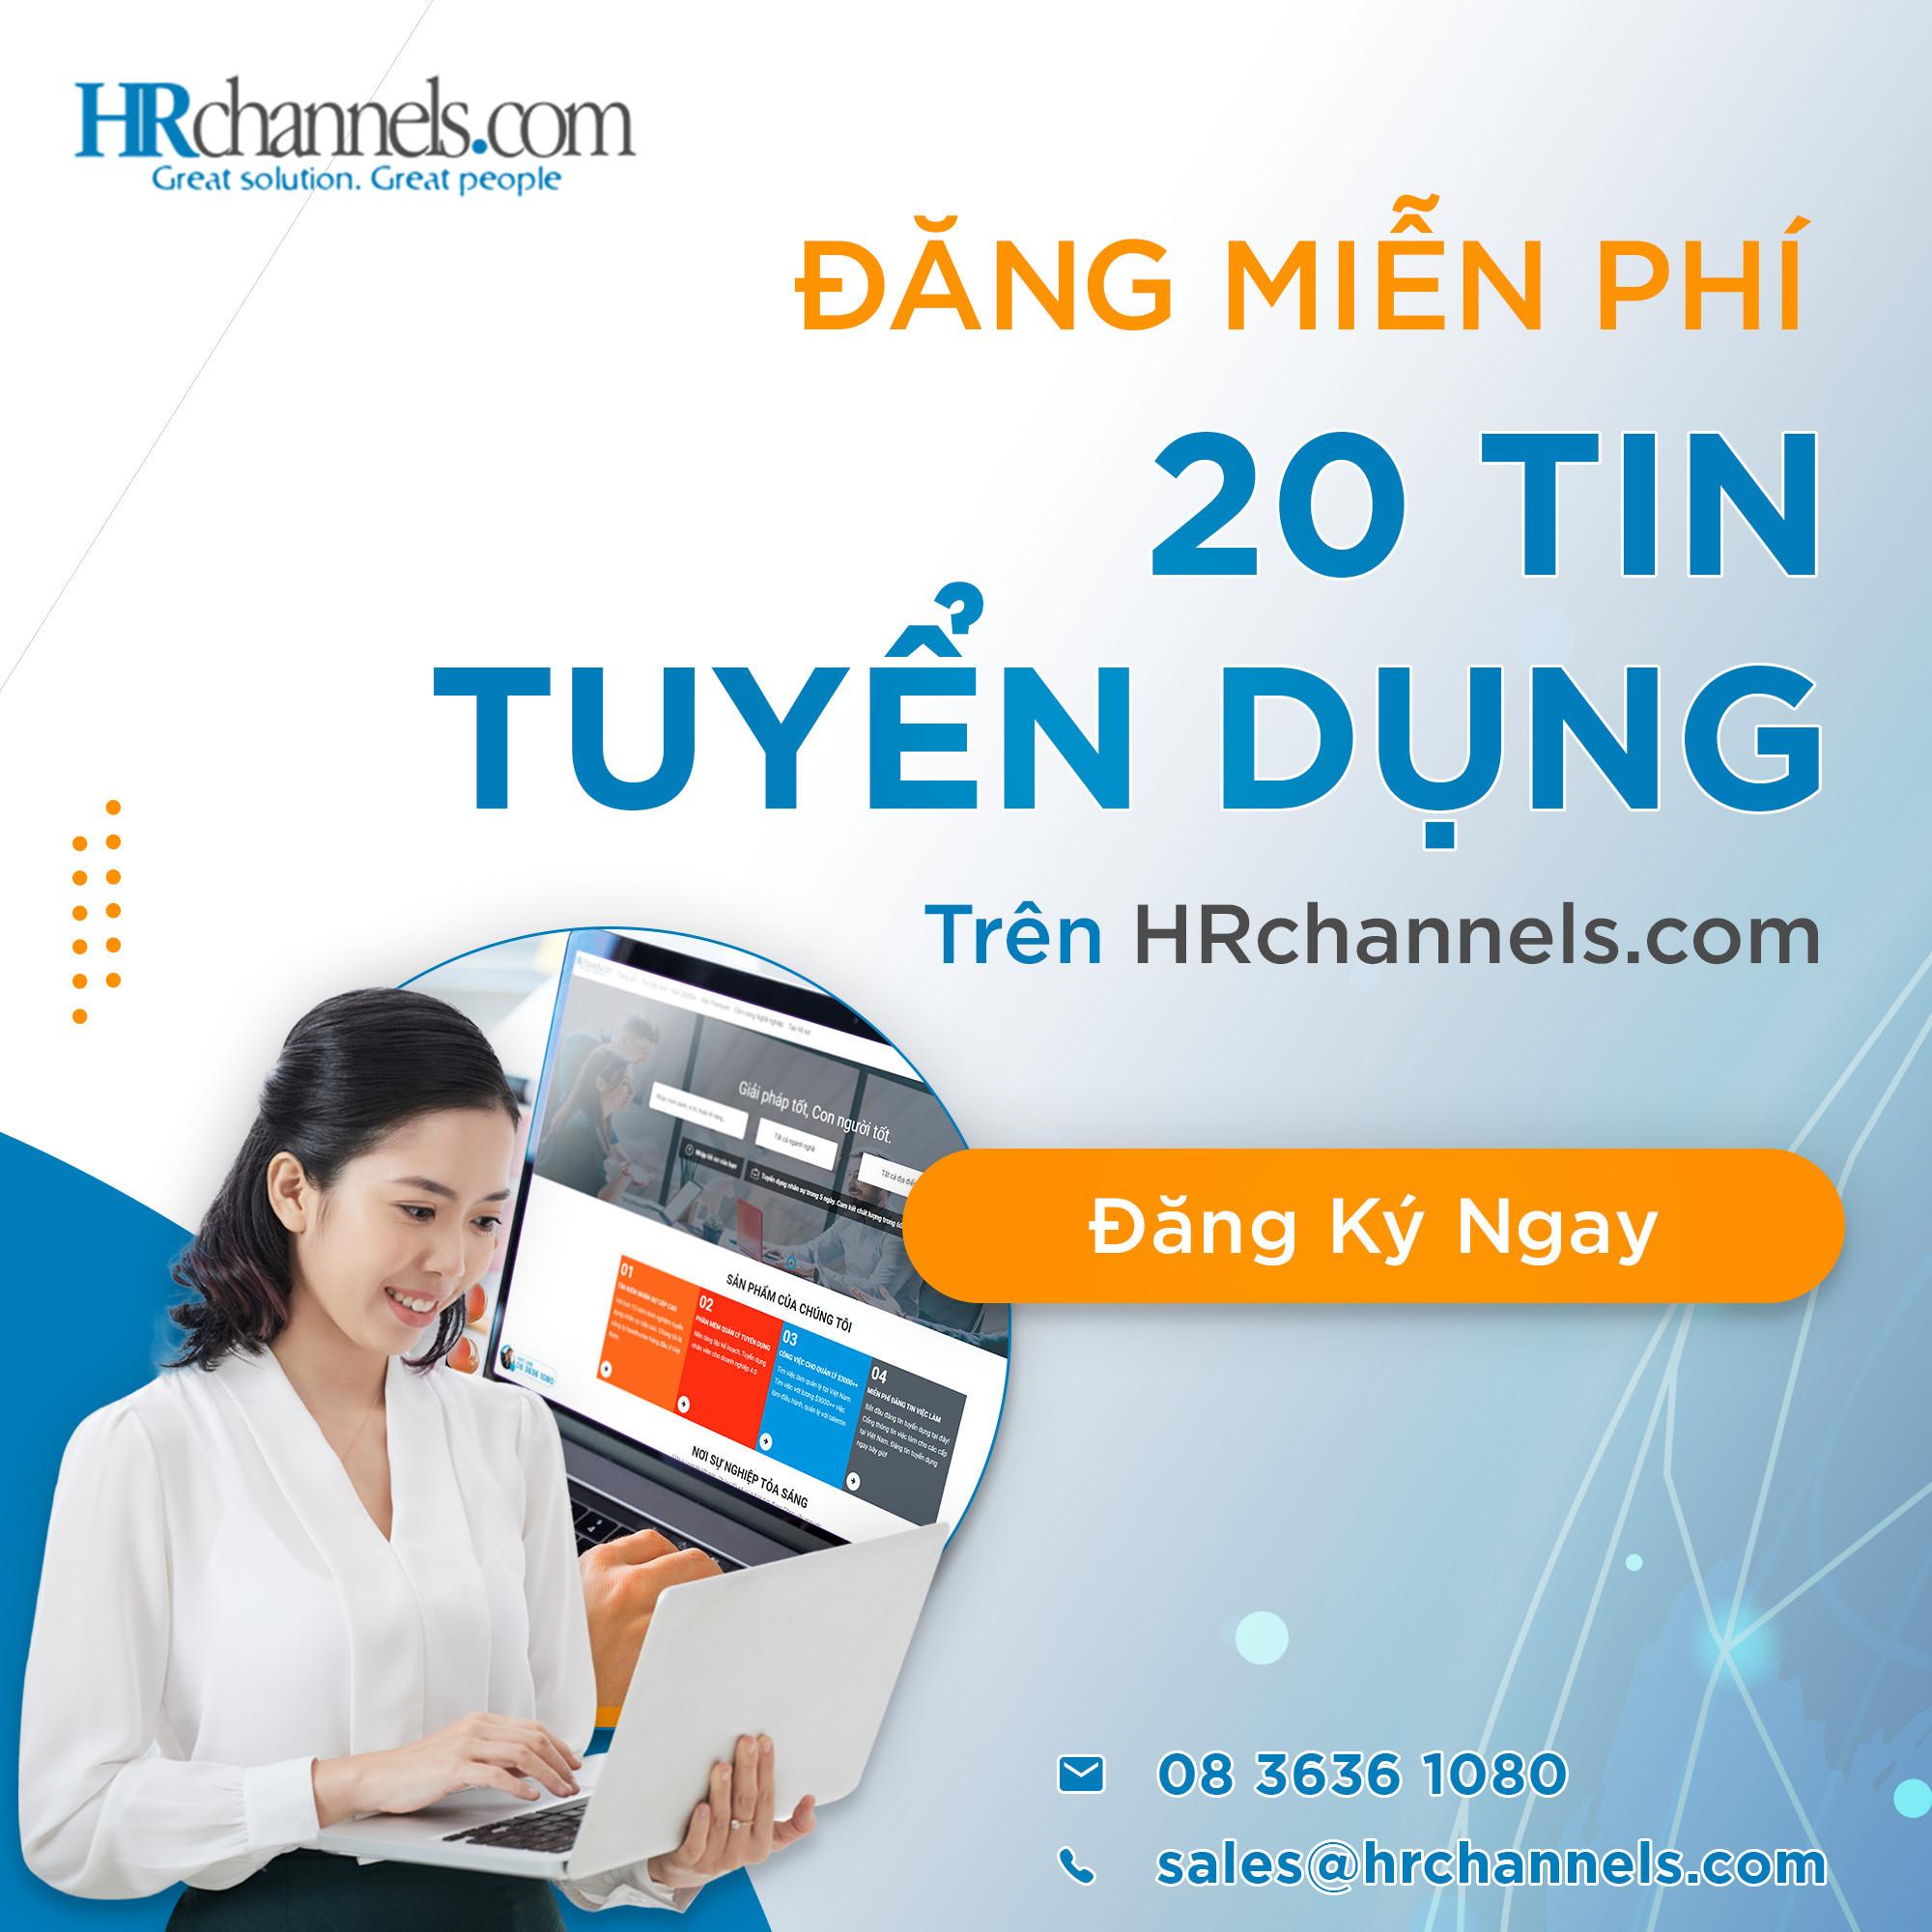 đăng tin tuyển dụng miễn phí hrchannels